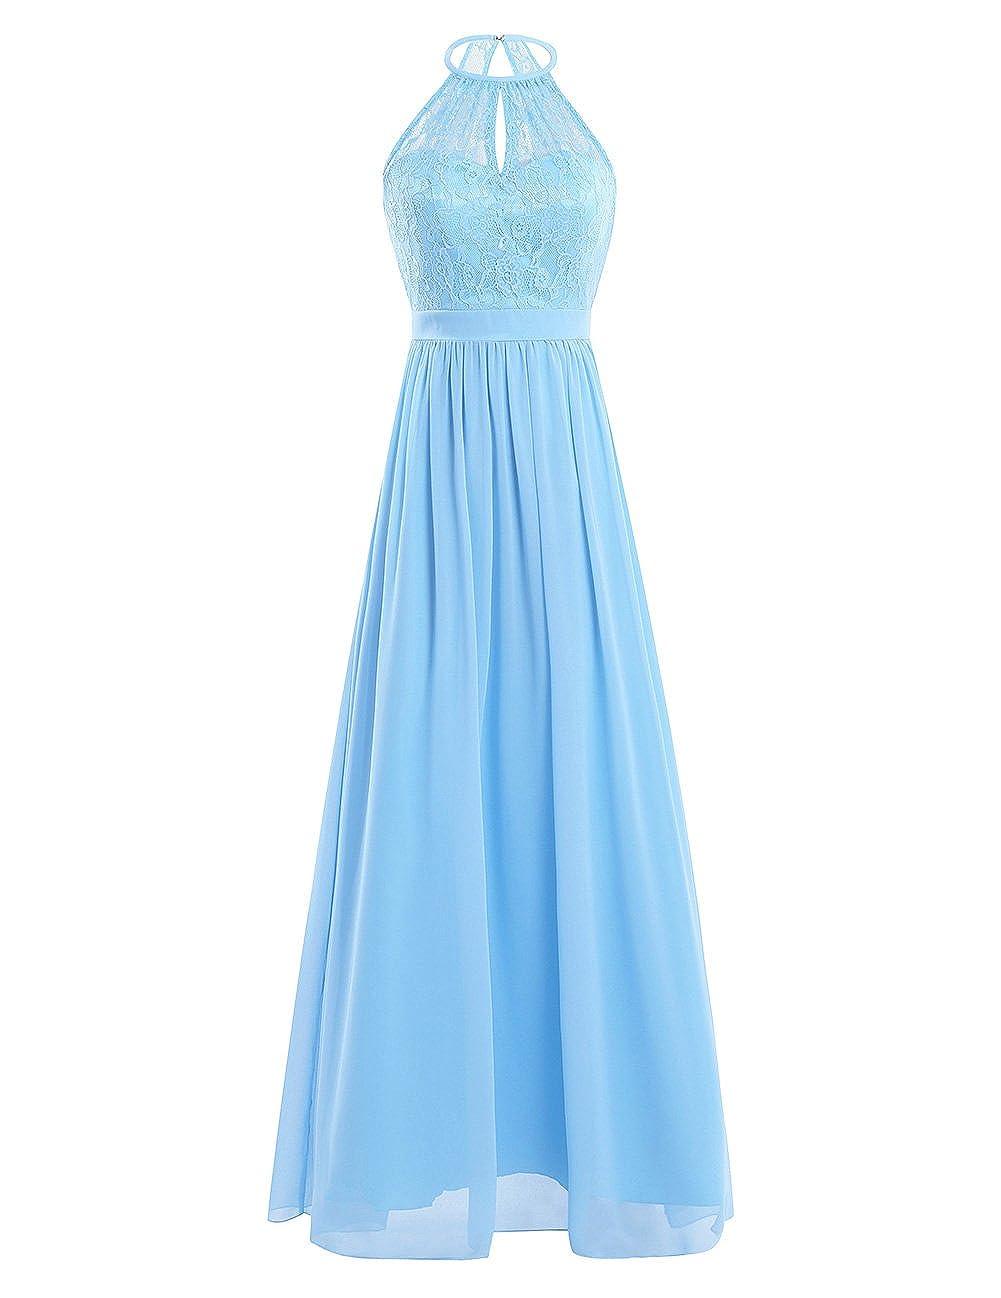 iEFiEL Damen Kleider Elegant festlich Hochzeit Sommer Kleider Lang Chiffon Abendkleid Neckholder Party Kleid Cocktailkleid Gr. 36-46